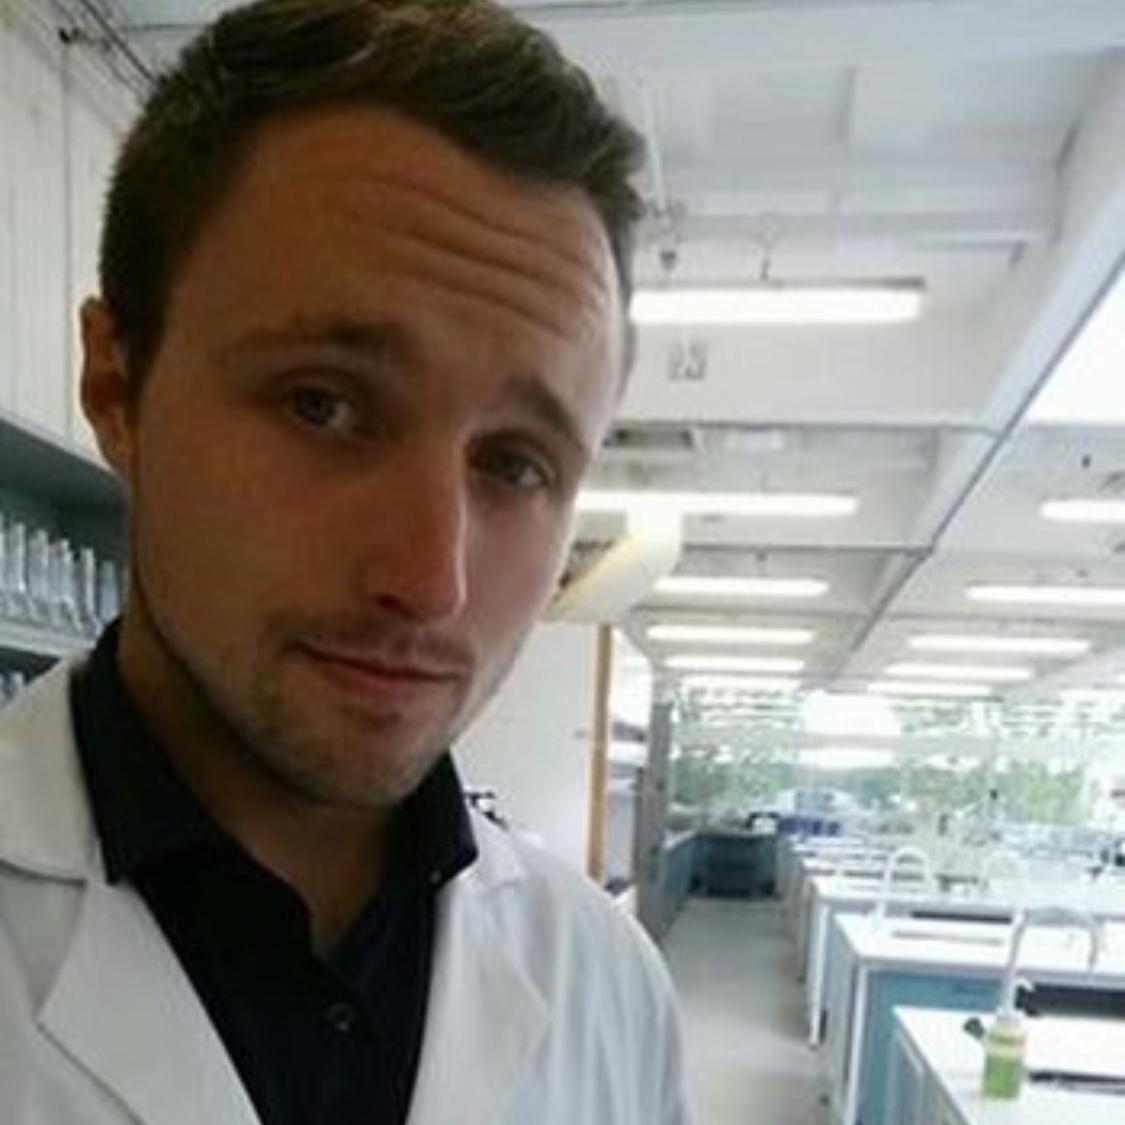 Garreth  @bio_gar Specialty: Computational Bio/Biotech